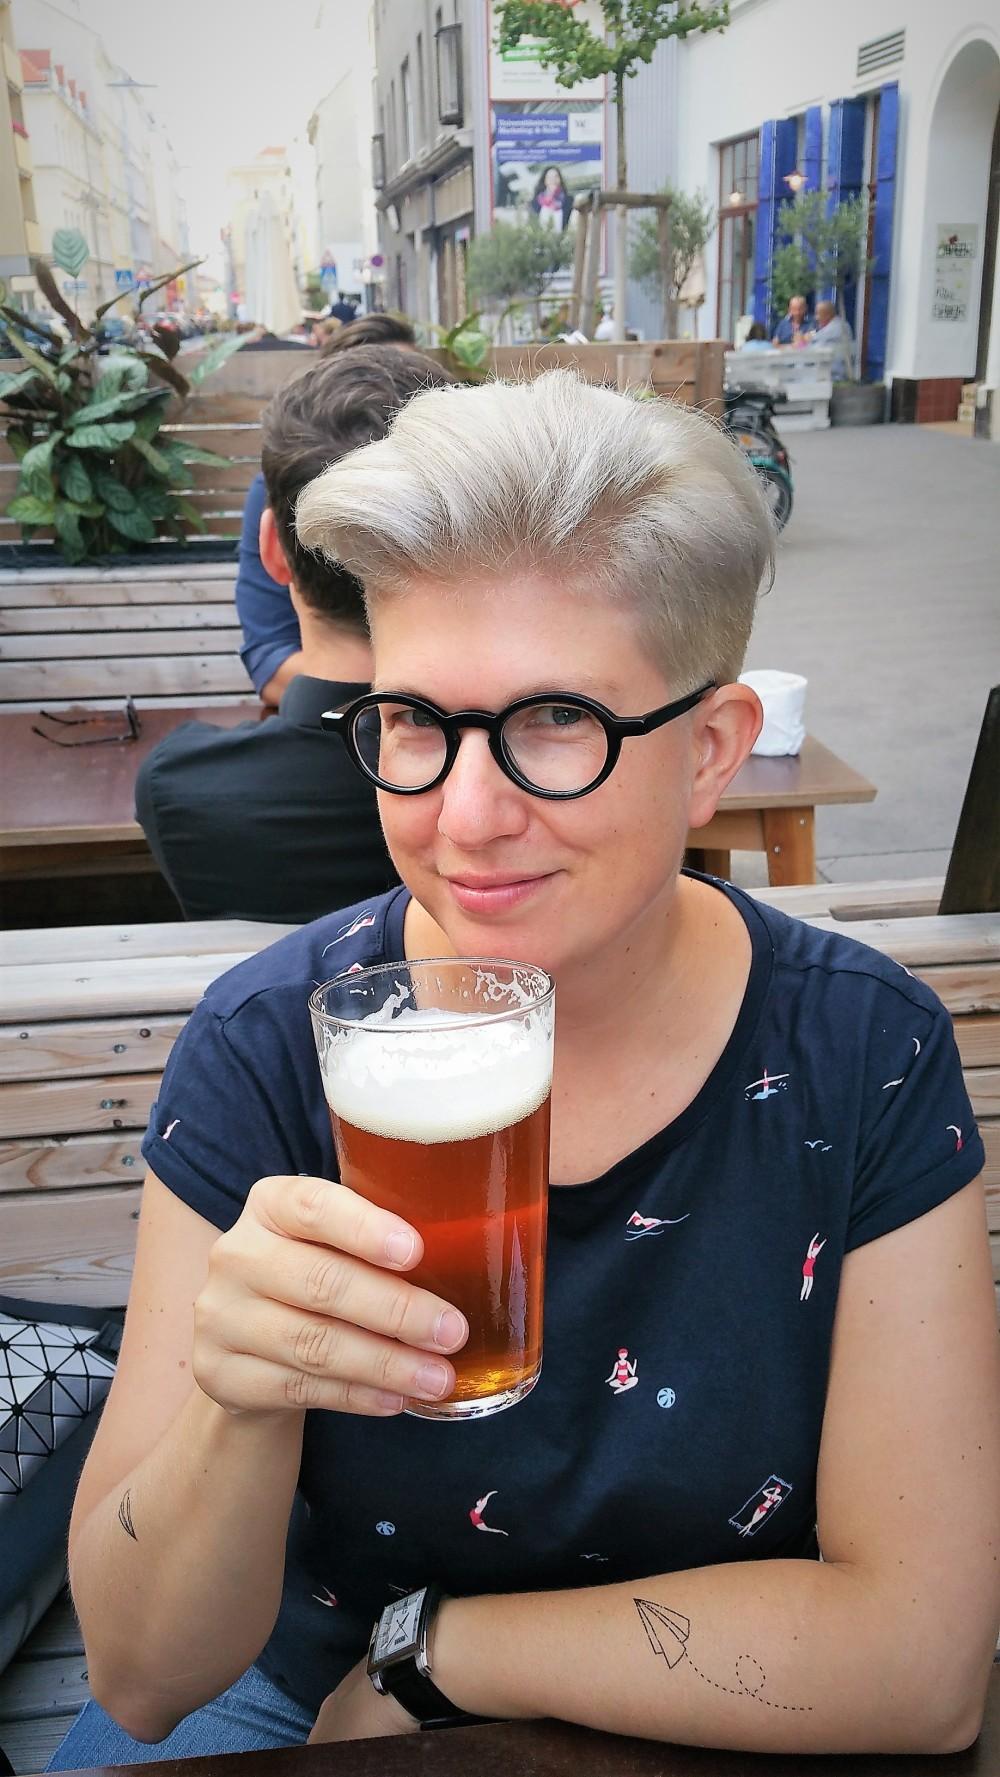 The Brickmakers - Big Smoke & Craft Beer  Best BBQ in Vienna!